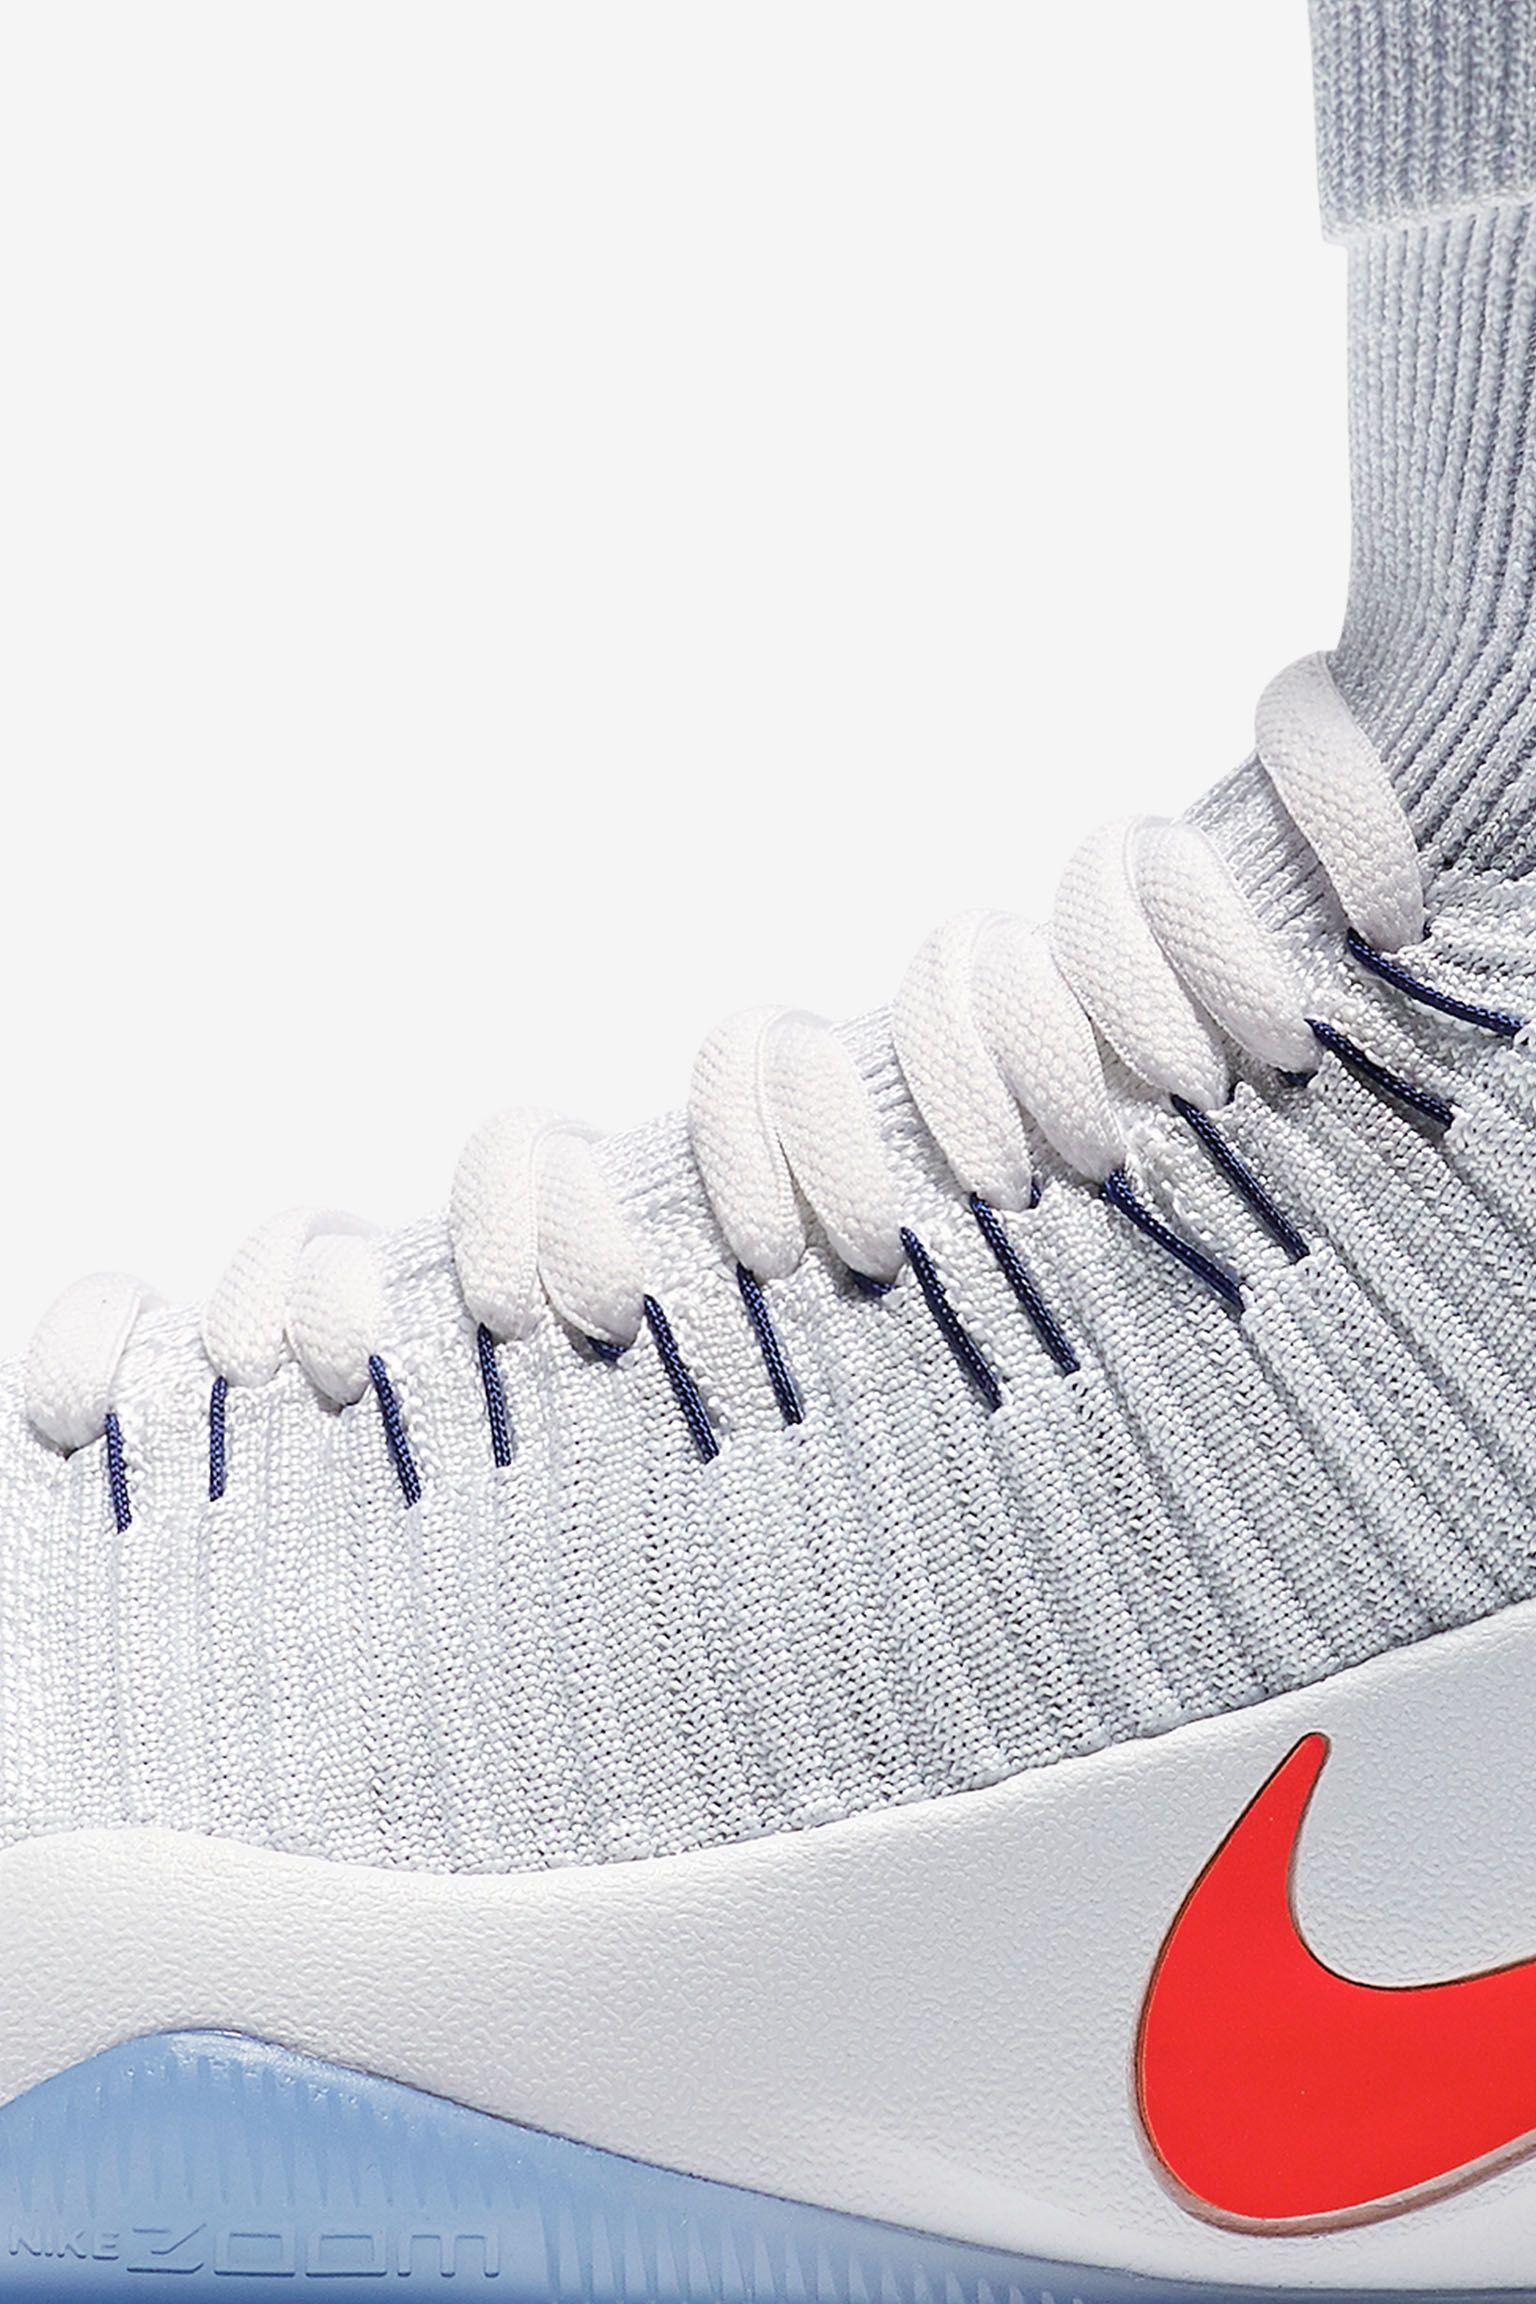 Nike Hyperdunk 2016 Flyknit Release Date